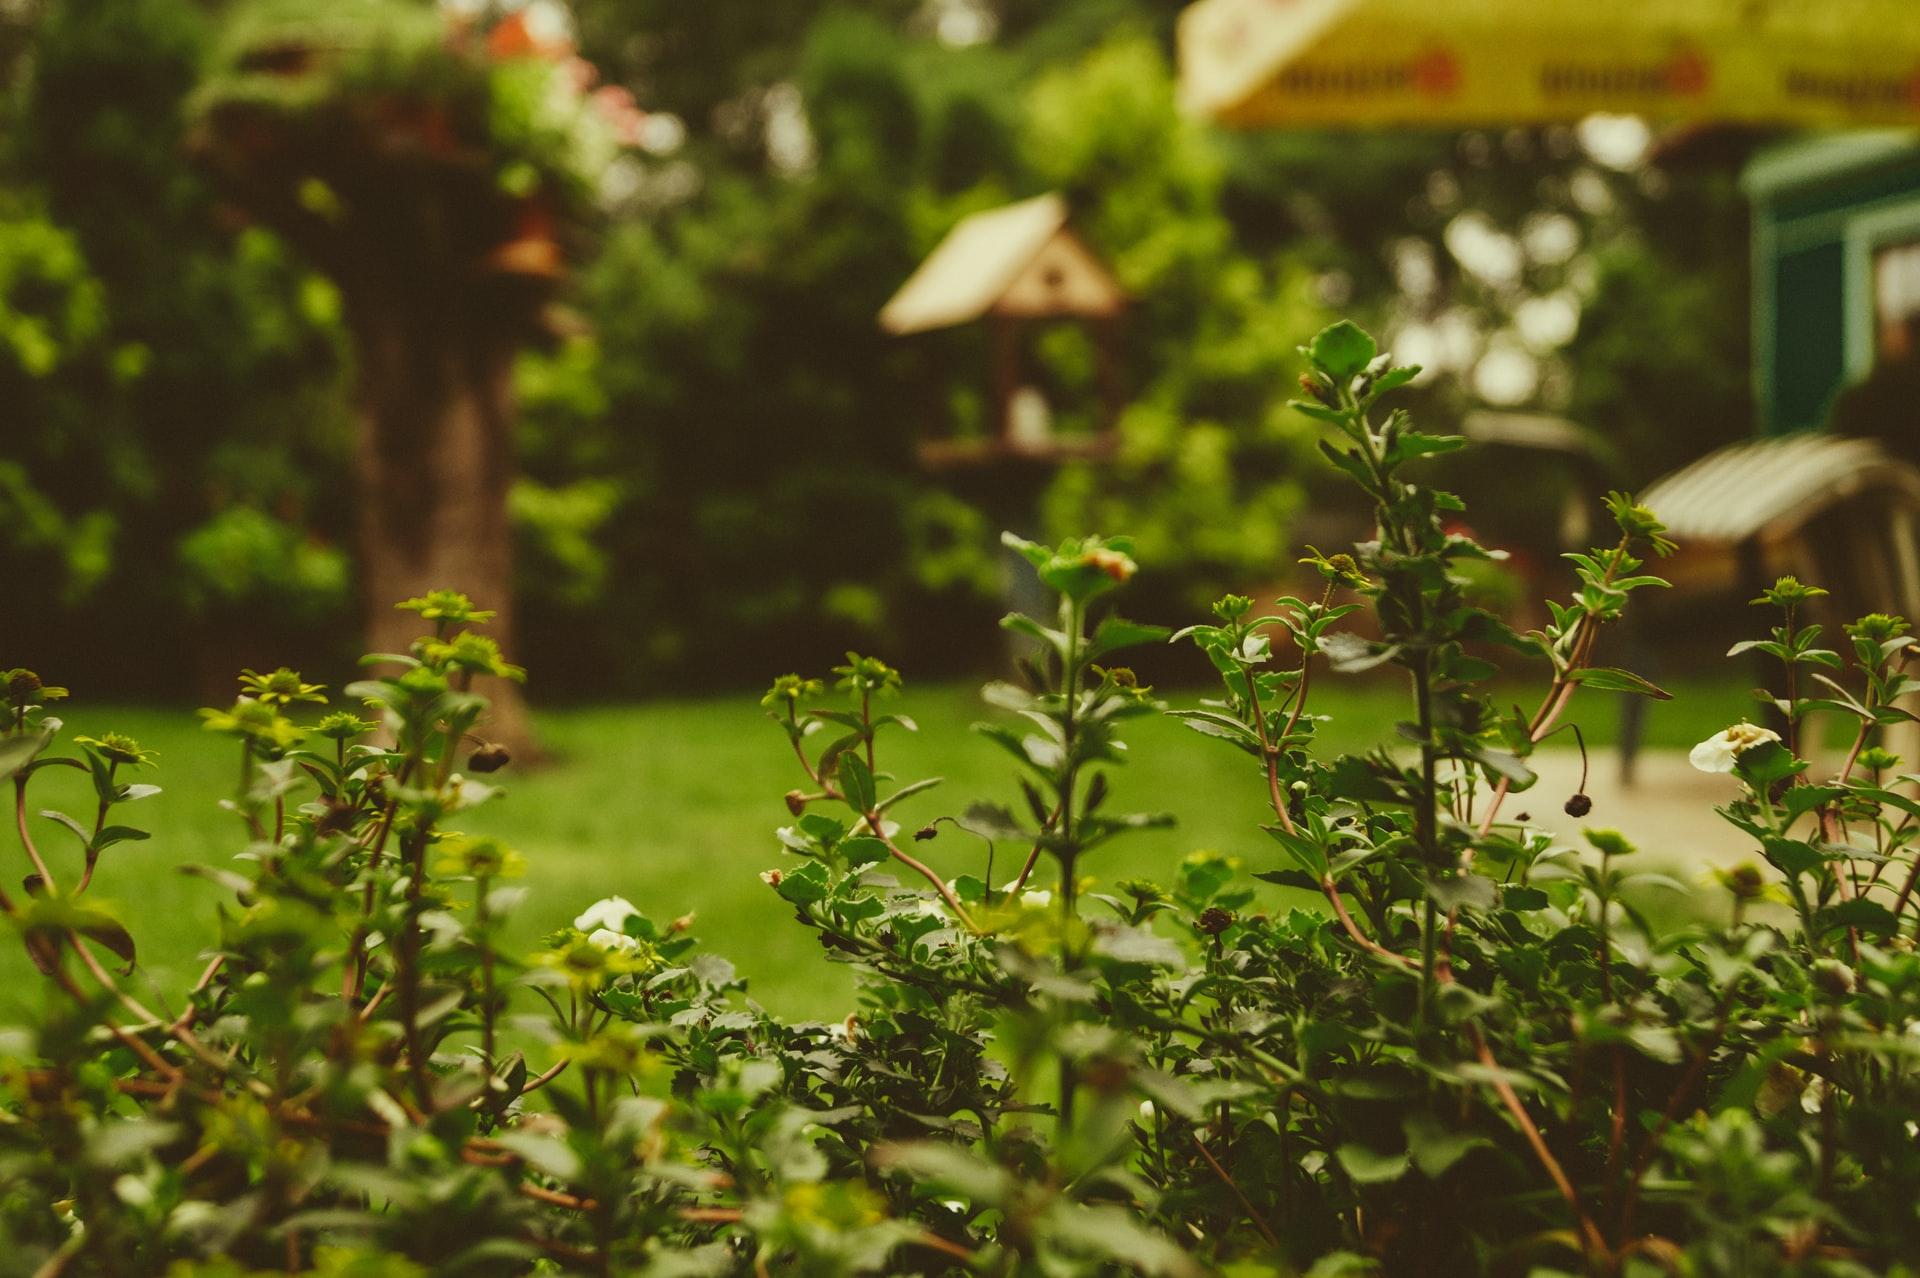 wat doet een tuinarchitect